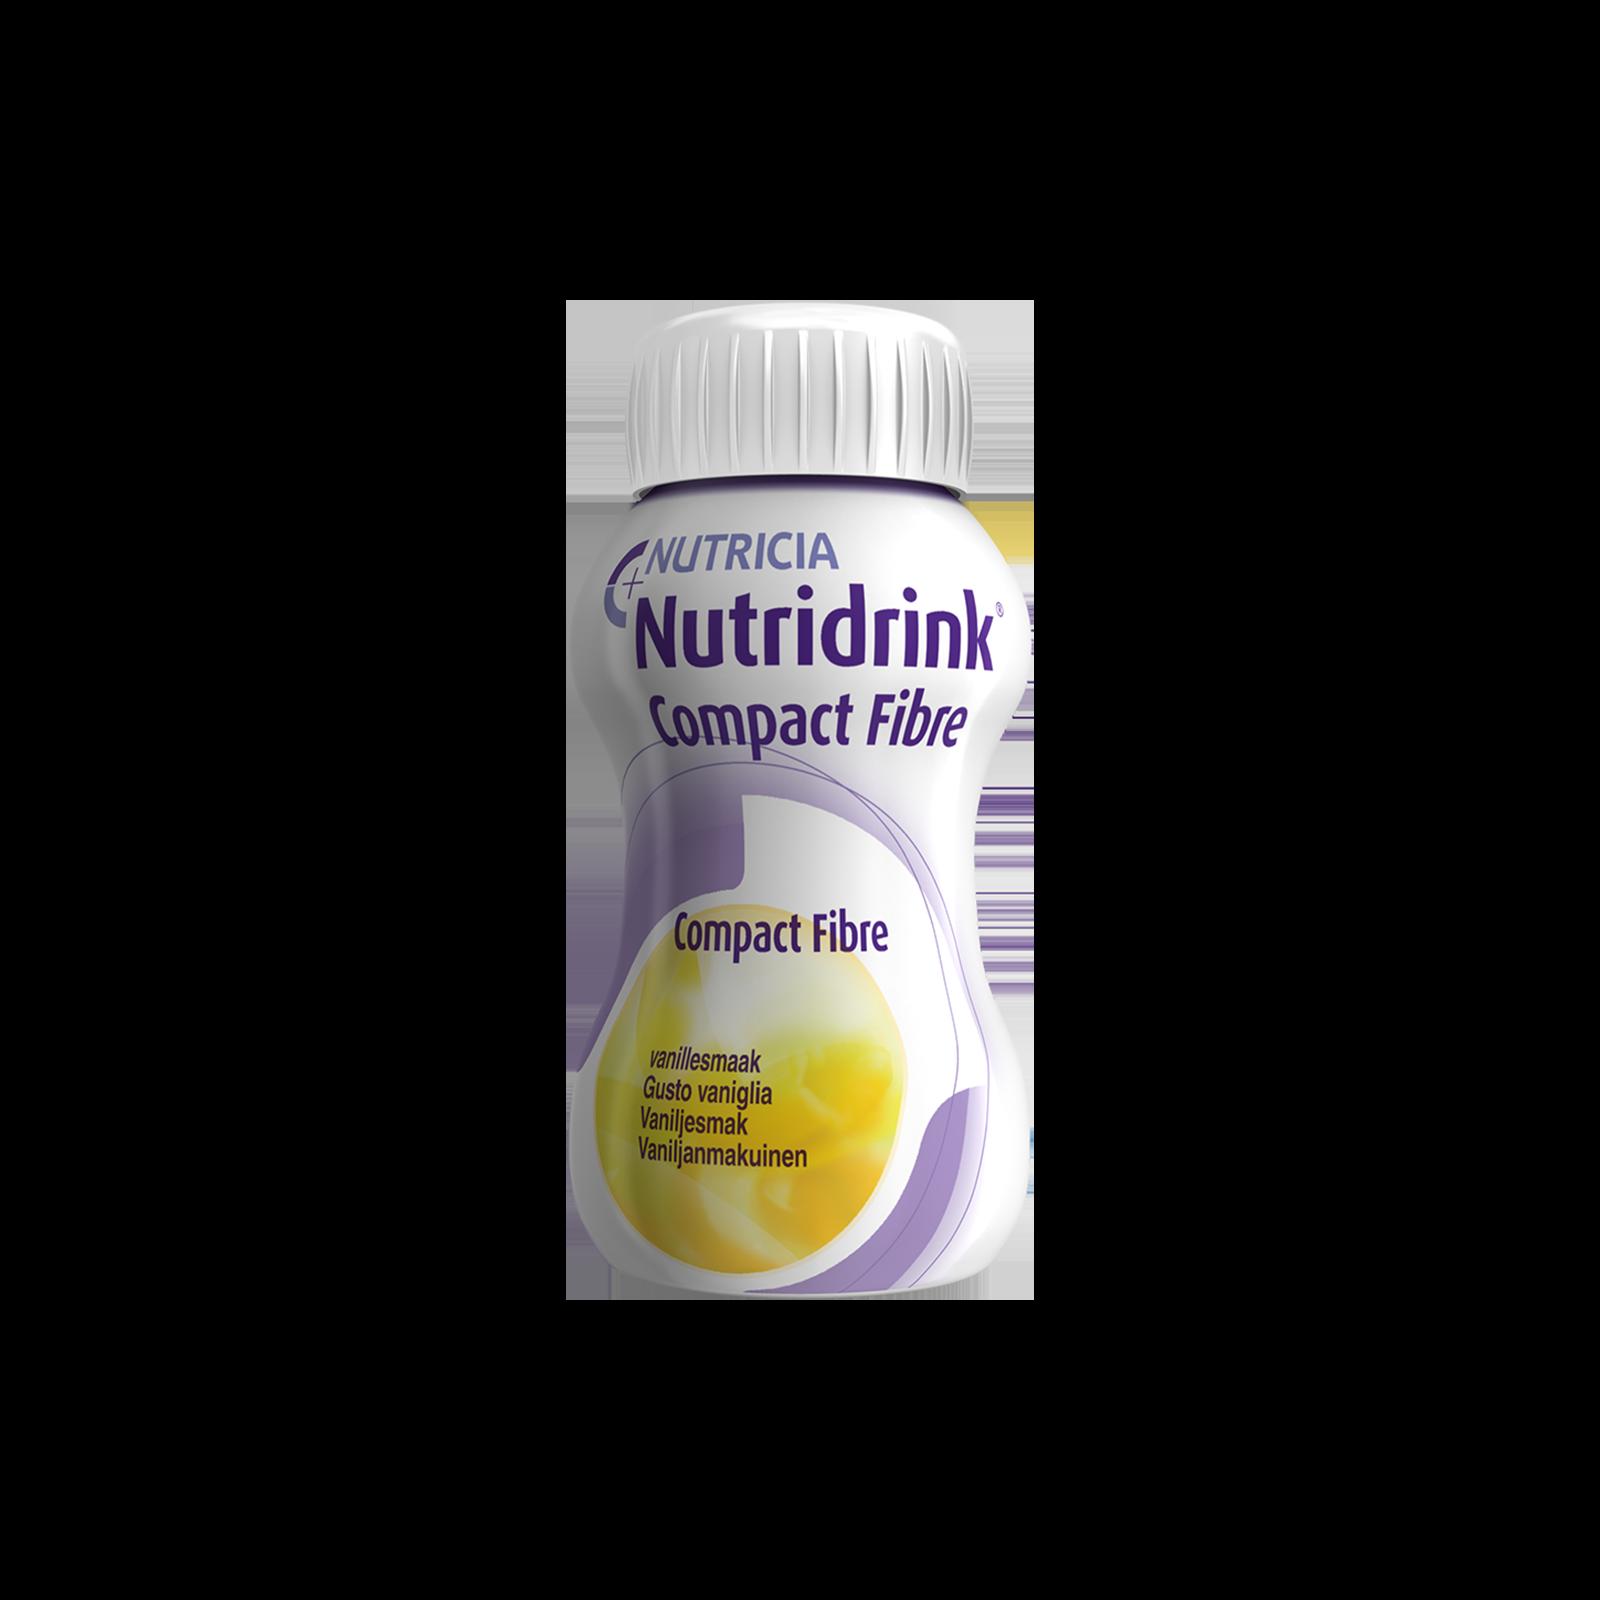 Nutridrink Compact Fibre vaniglia 24x Bottiglia 125 ml | Nutricia